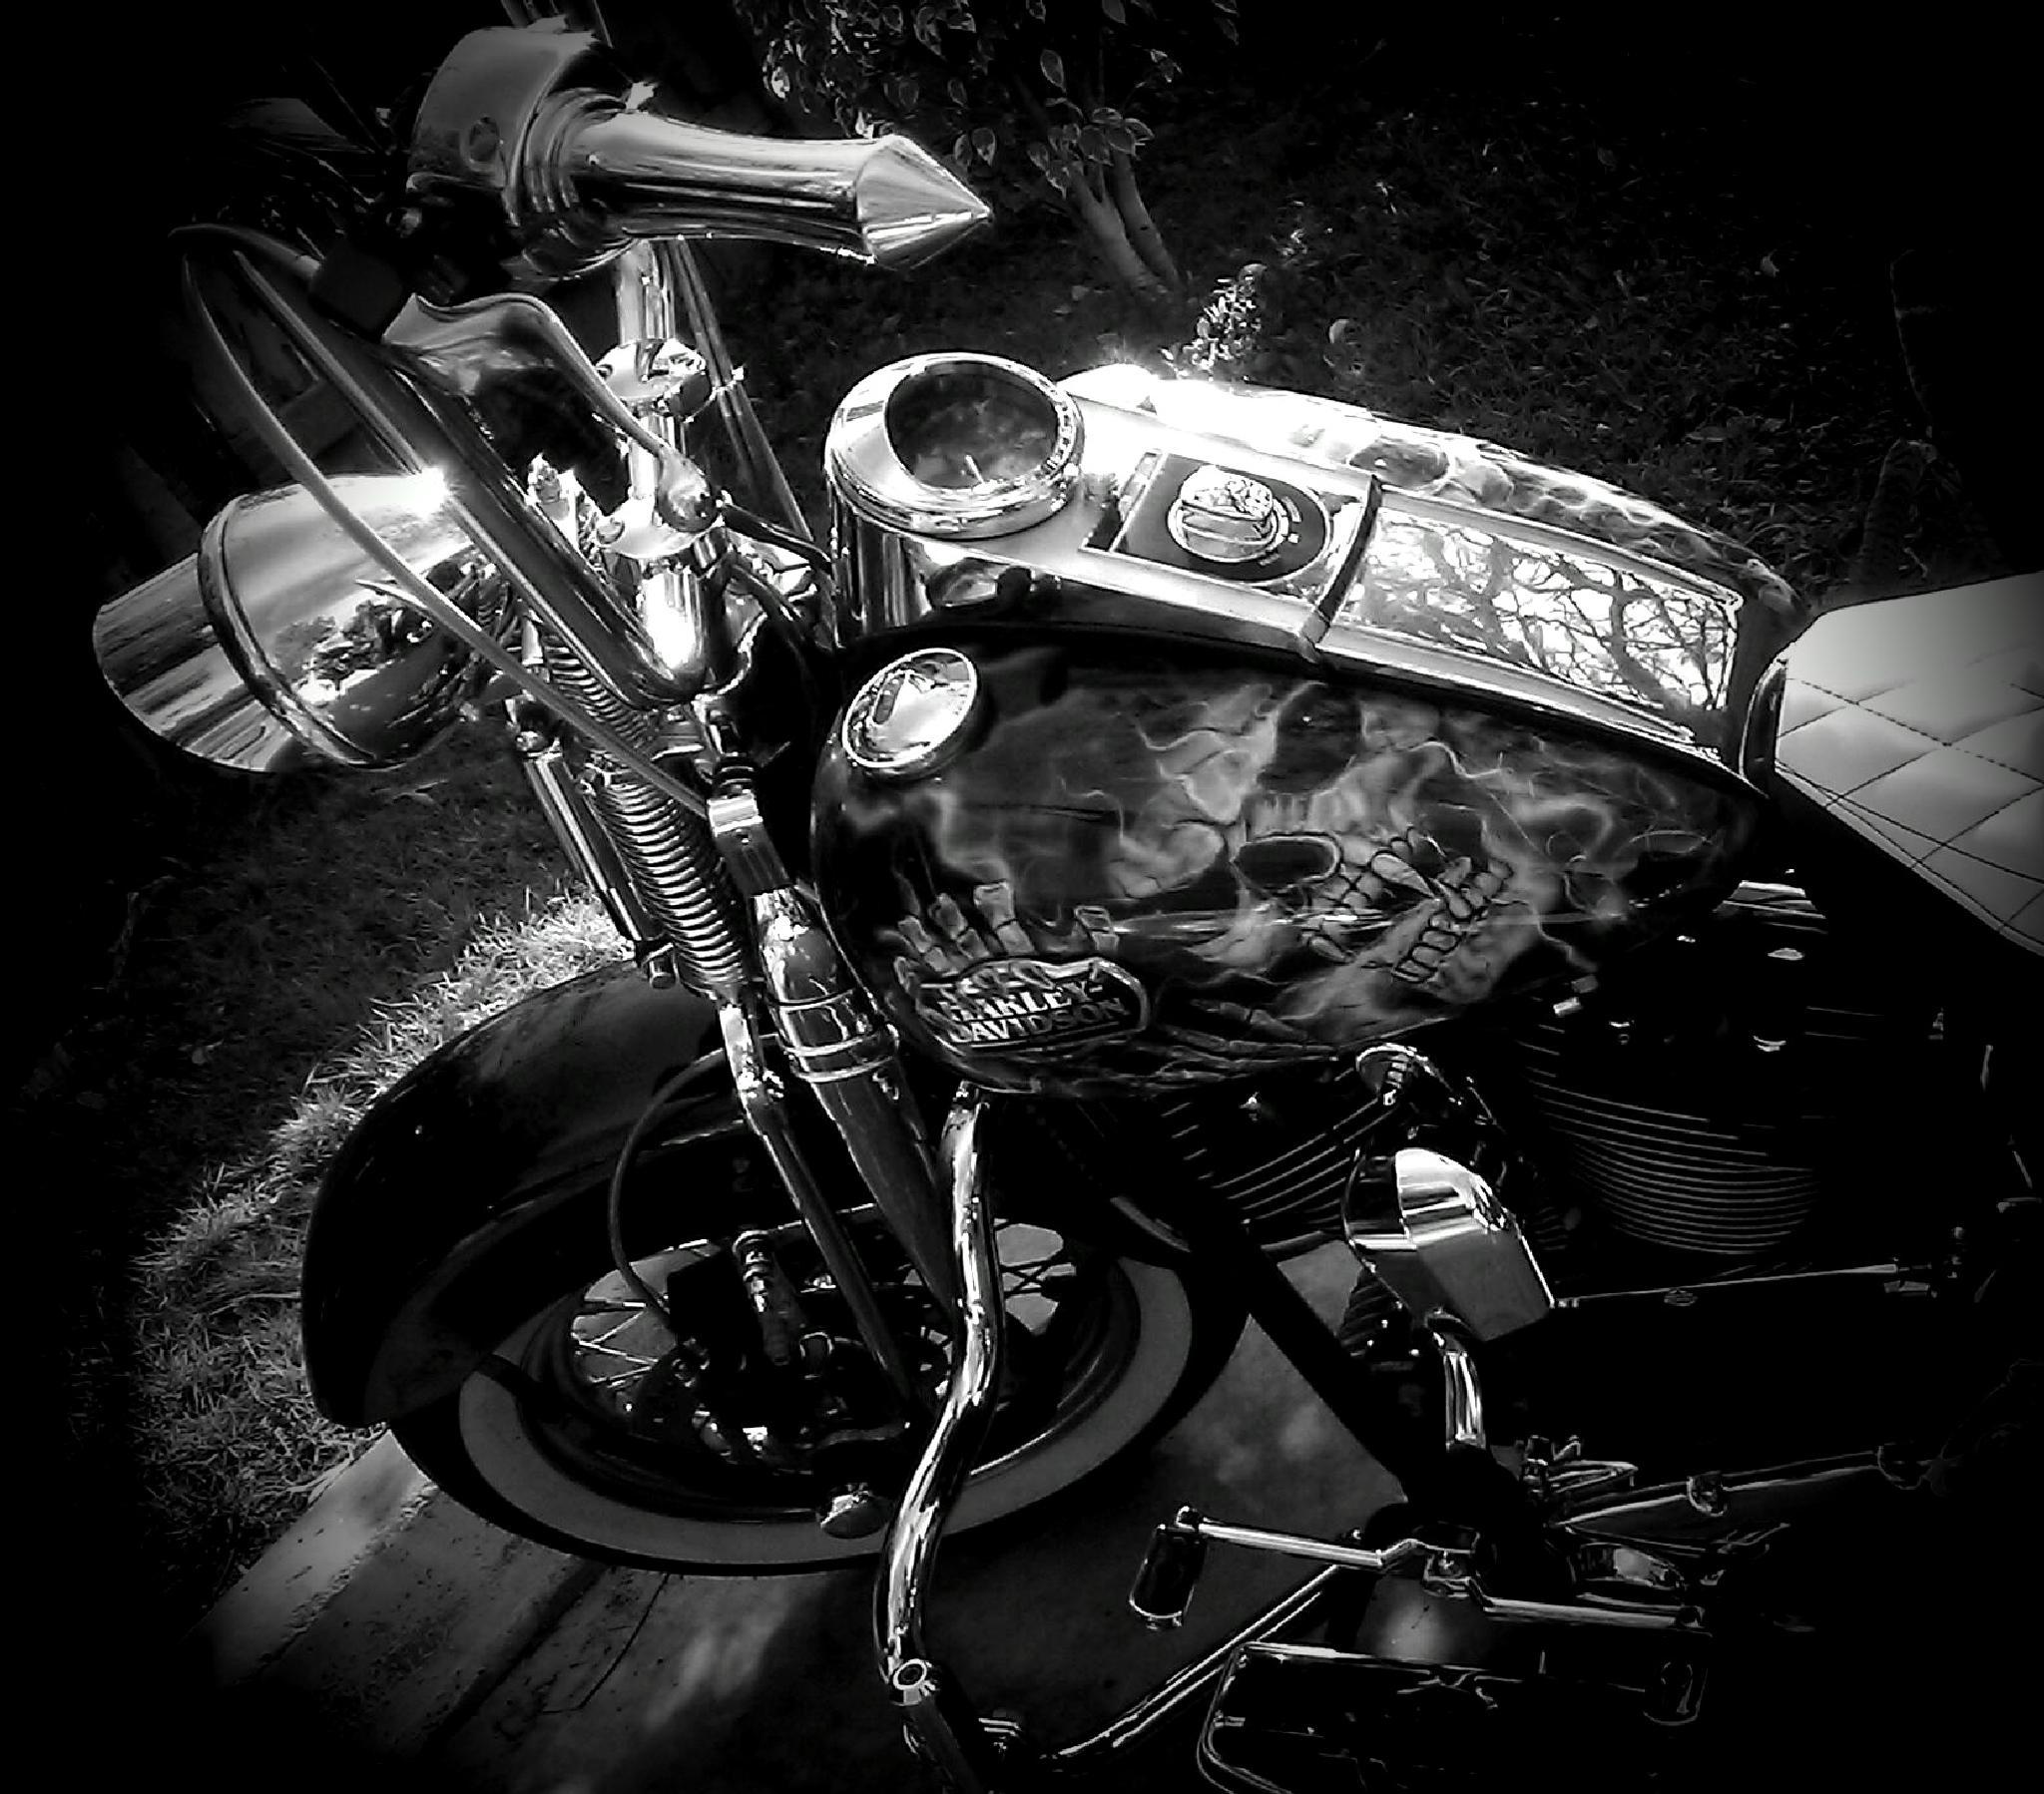 Phantom Ride Side 2 by rhonda.j.lewis